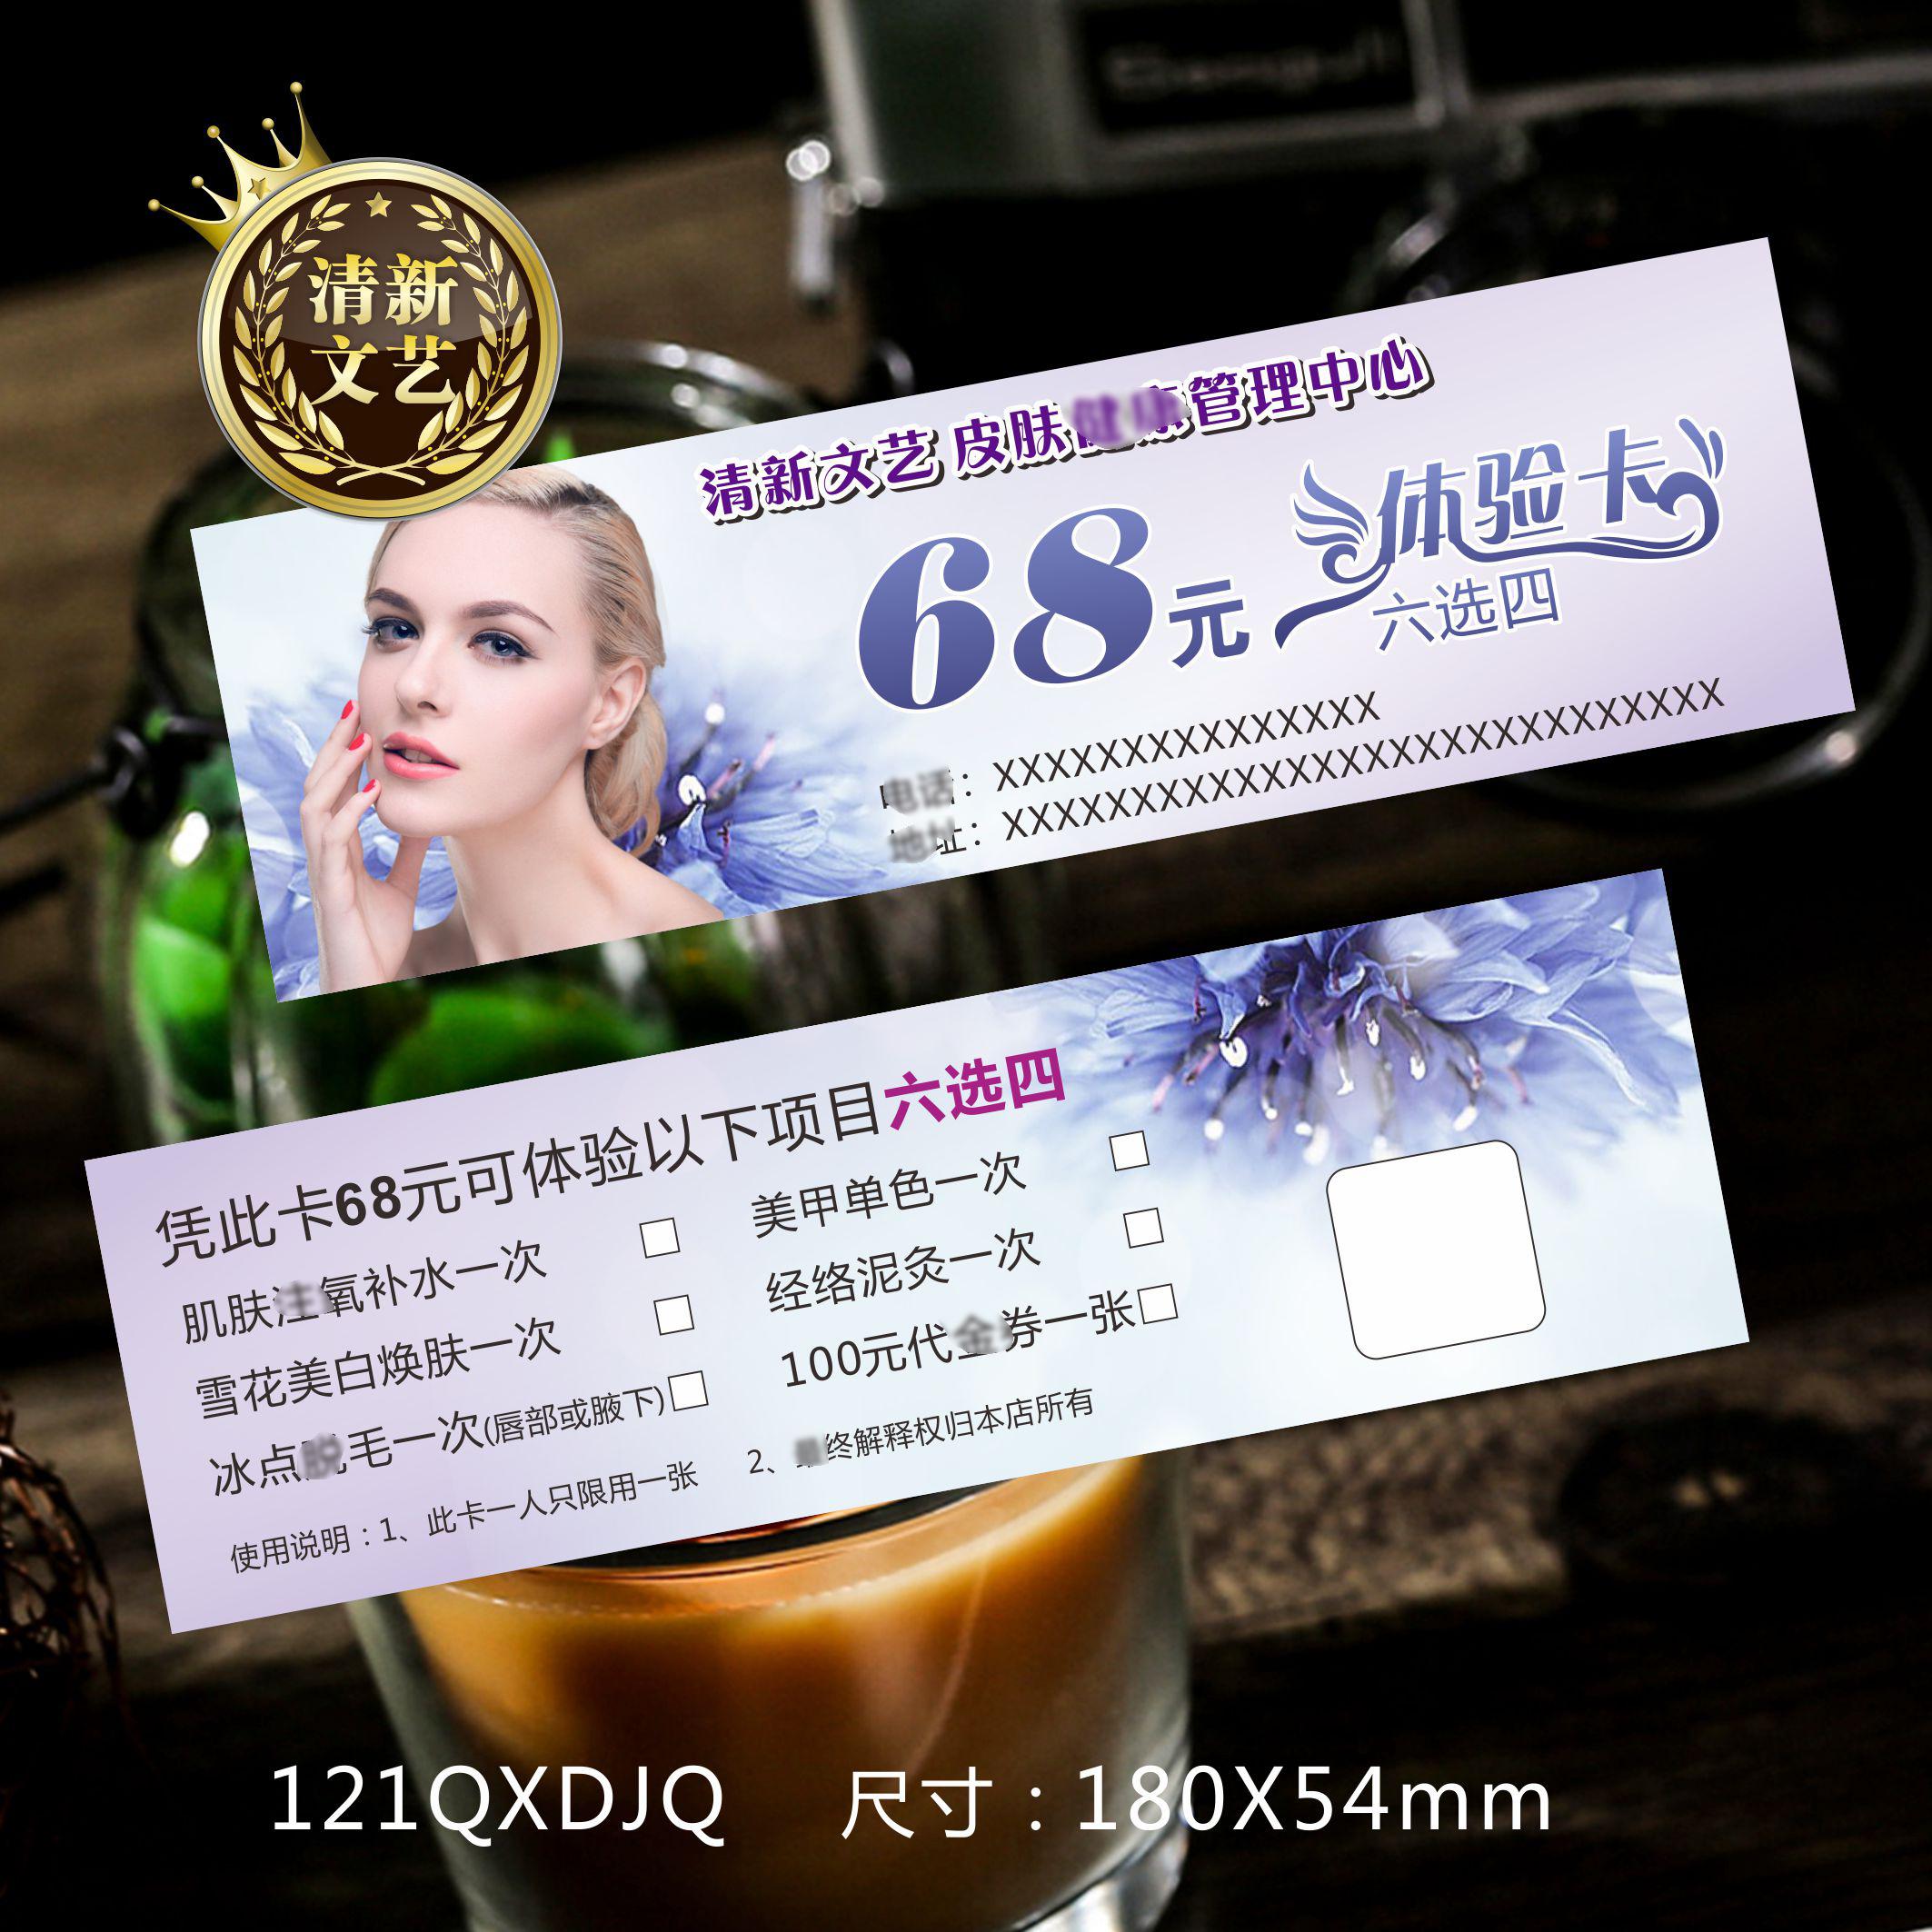 皮肤管理小气泡美容养生体验卡纹绣拓客代金优惠券开业宣传卡定制